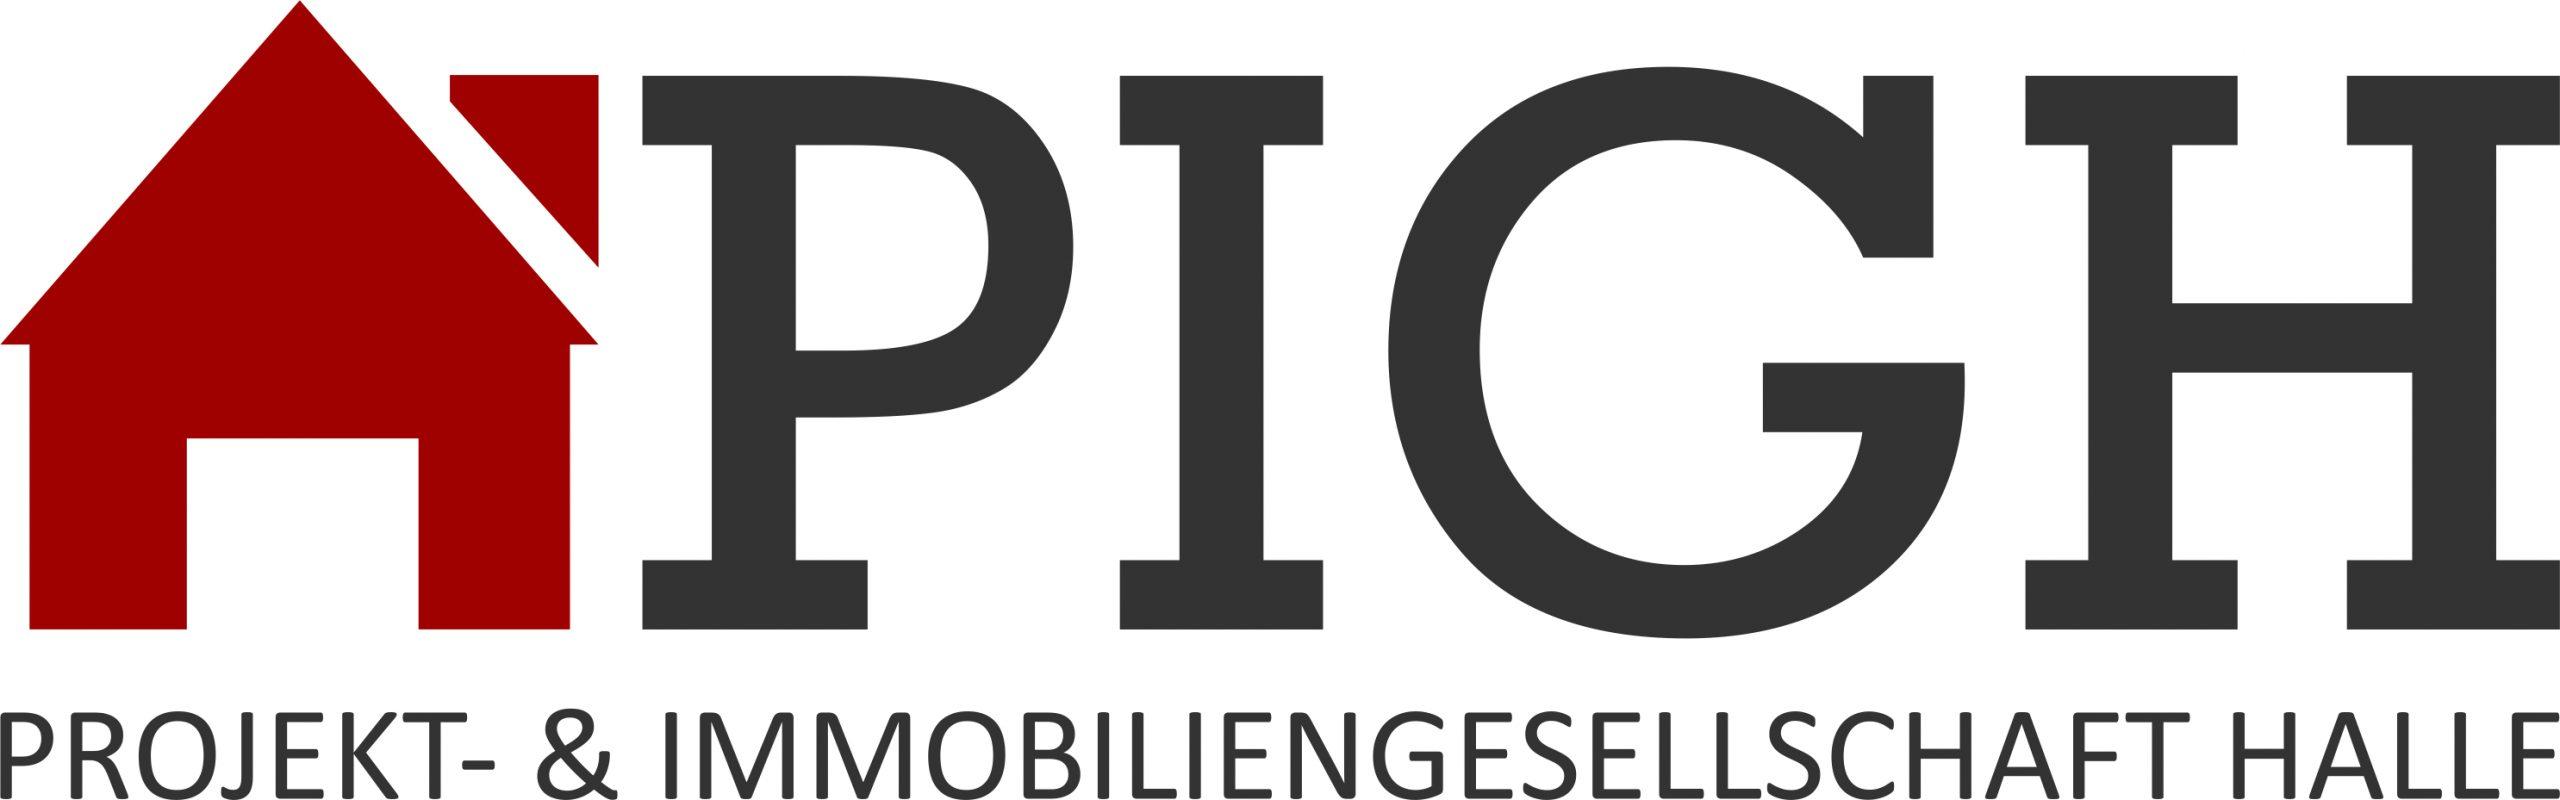 Projekt- und Immobiliengesellschaft Halle mbH Logo